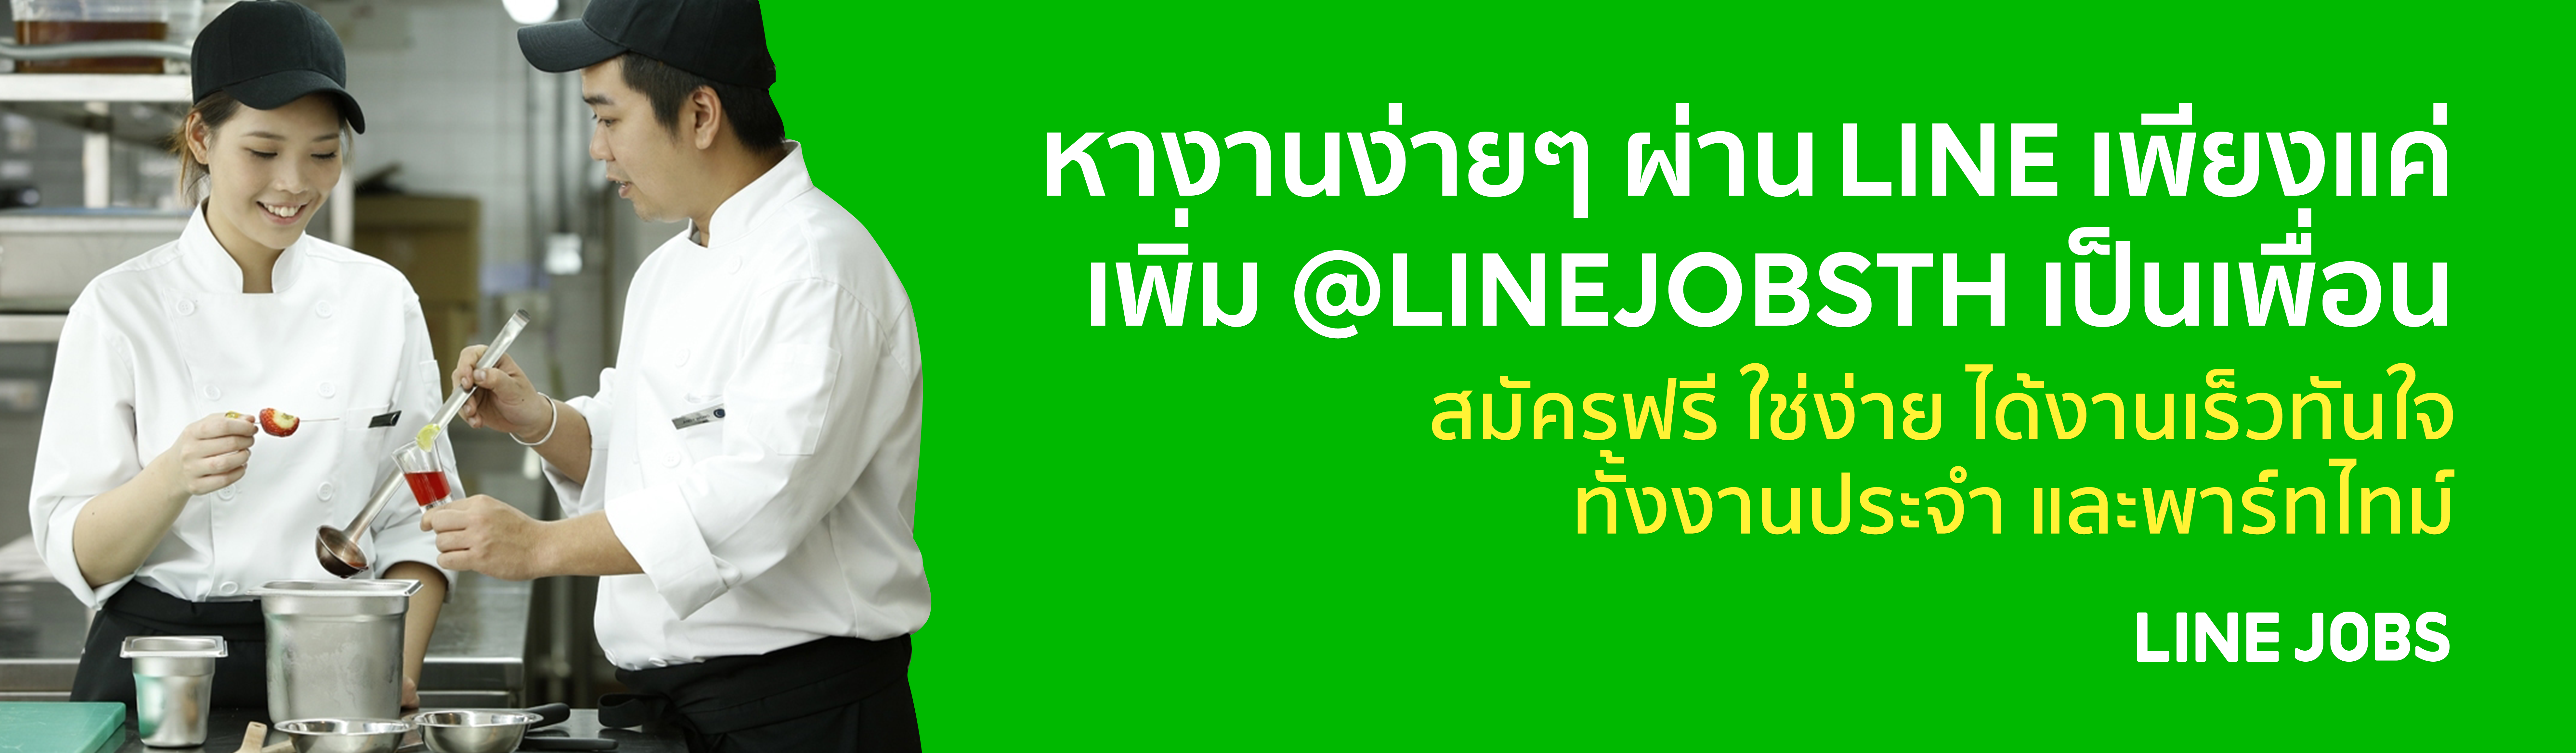 หางานผ่าน Line